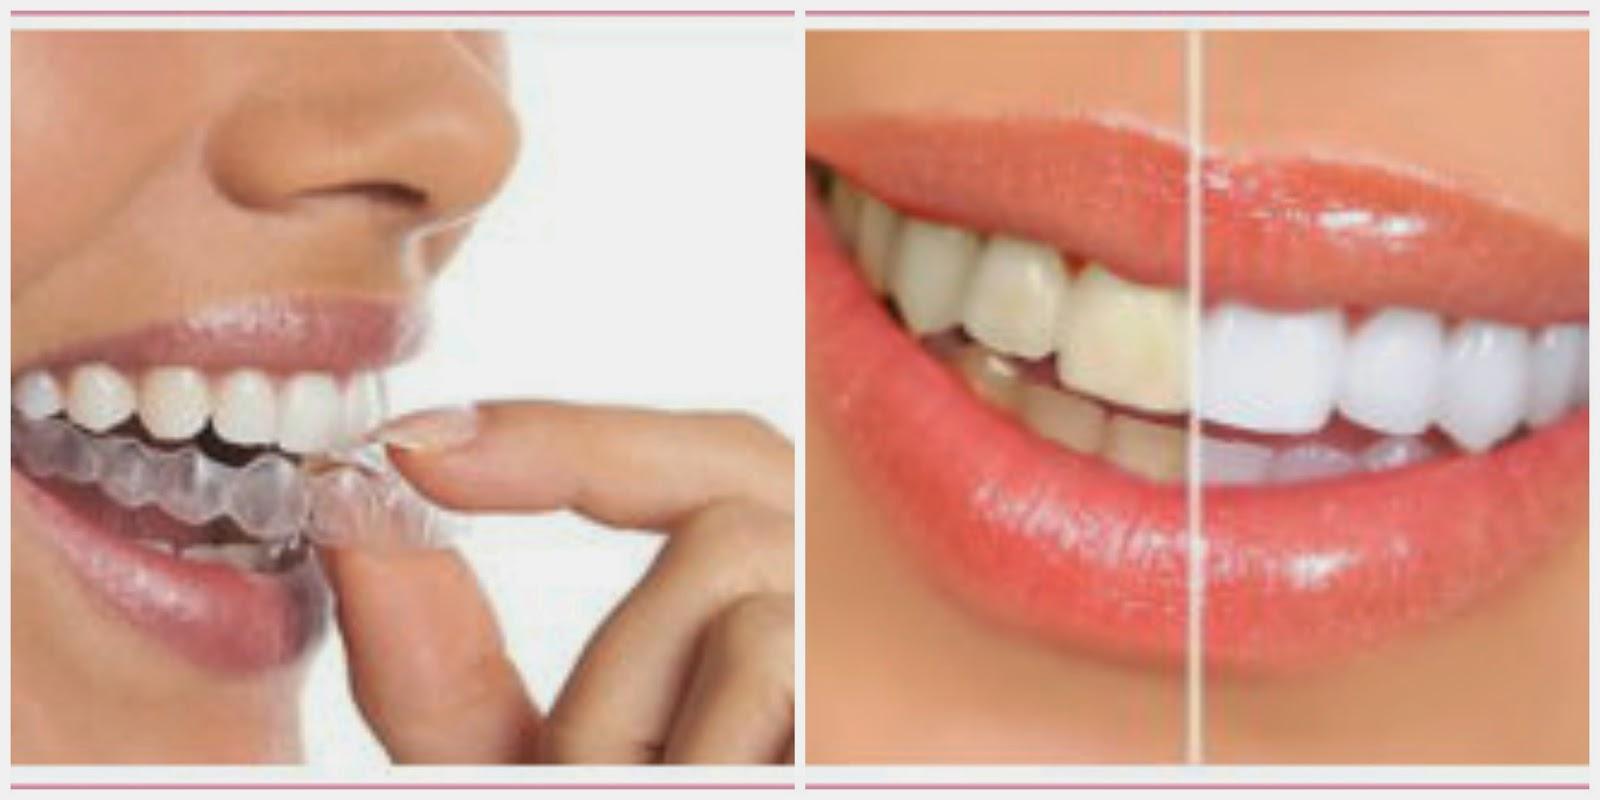 noiva-cuidados-beleza-sorriso-clareamento-aparelho-imperceptível-1